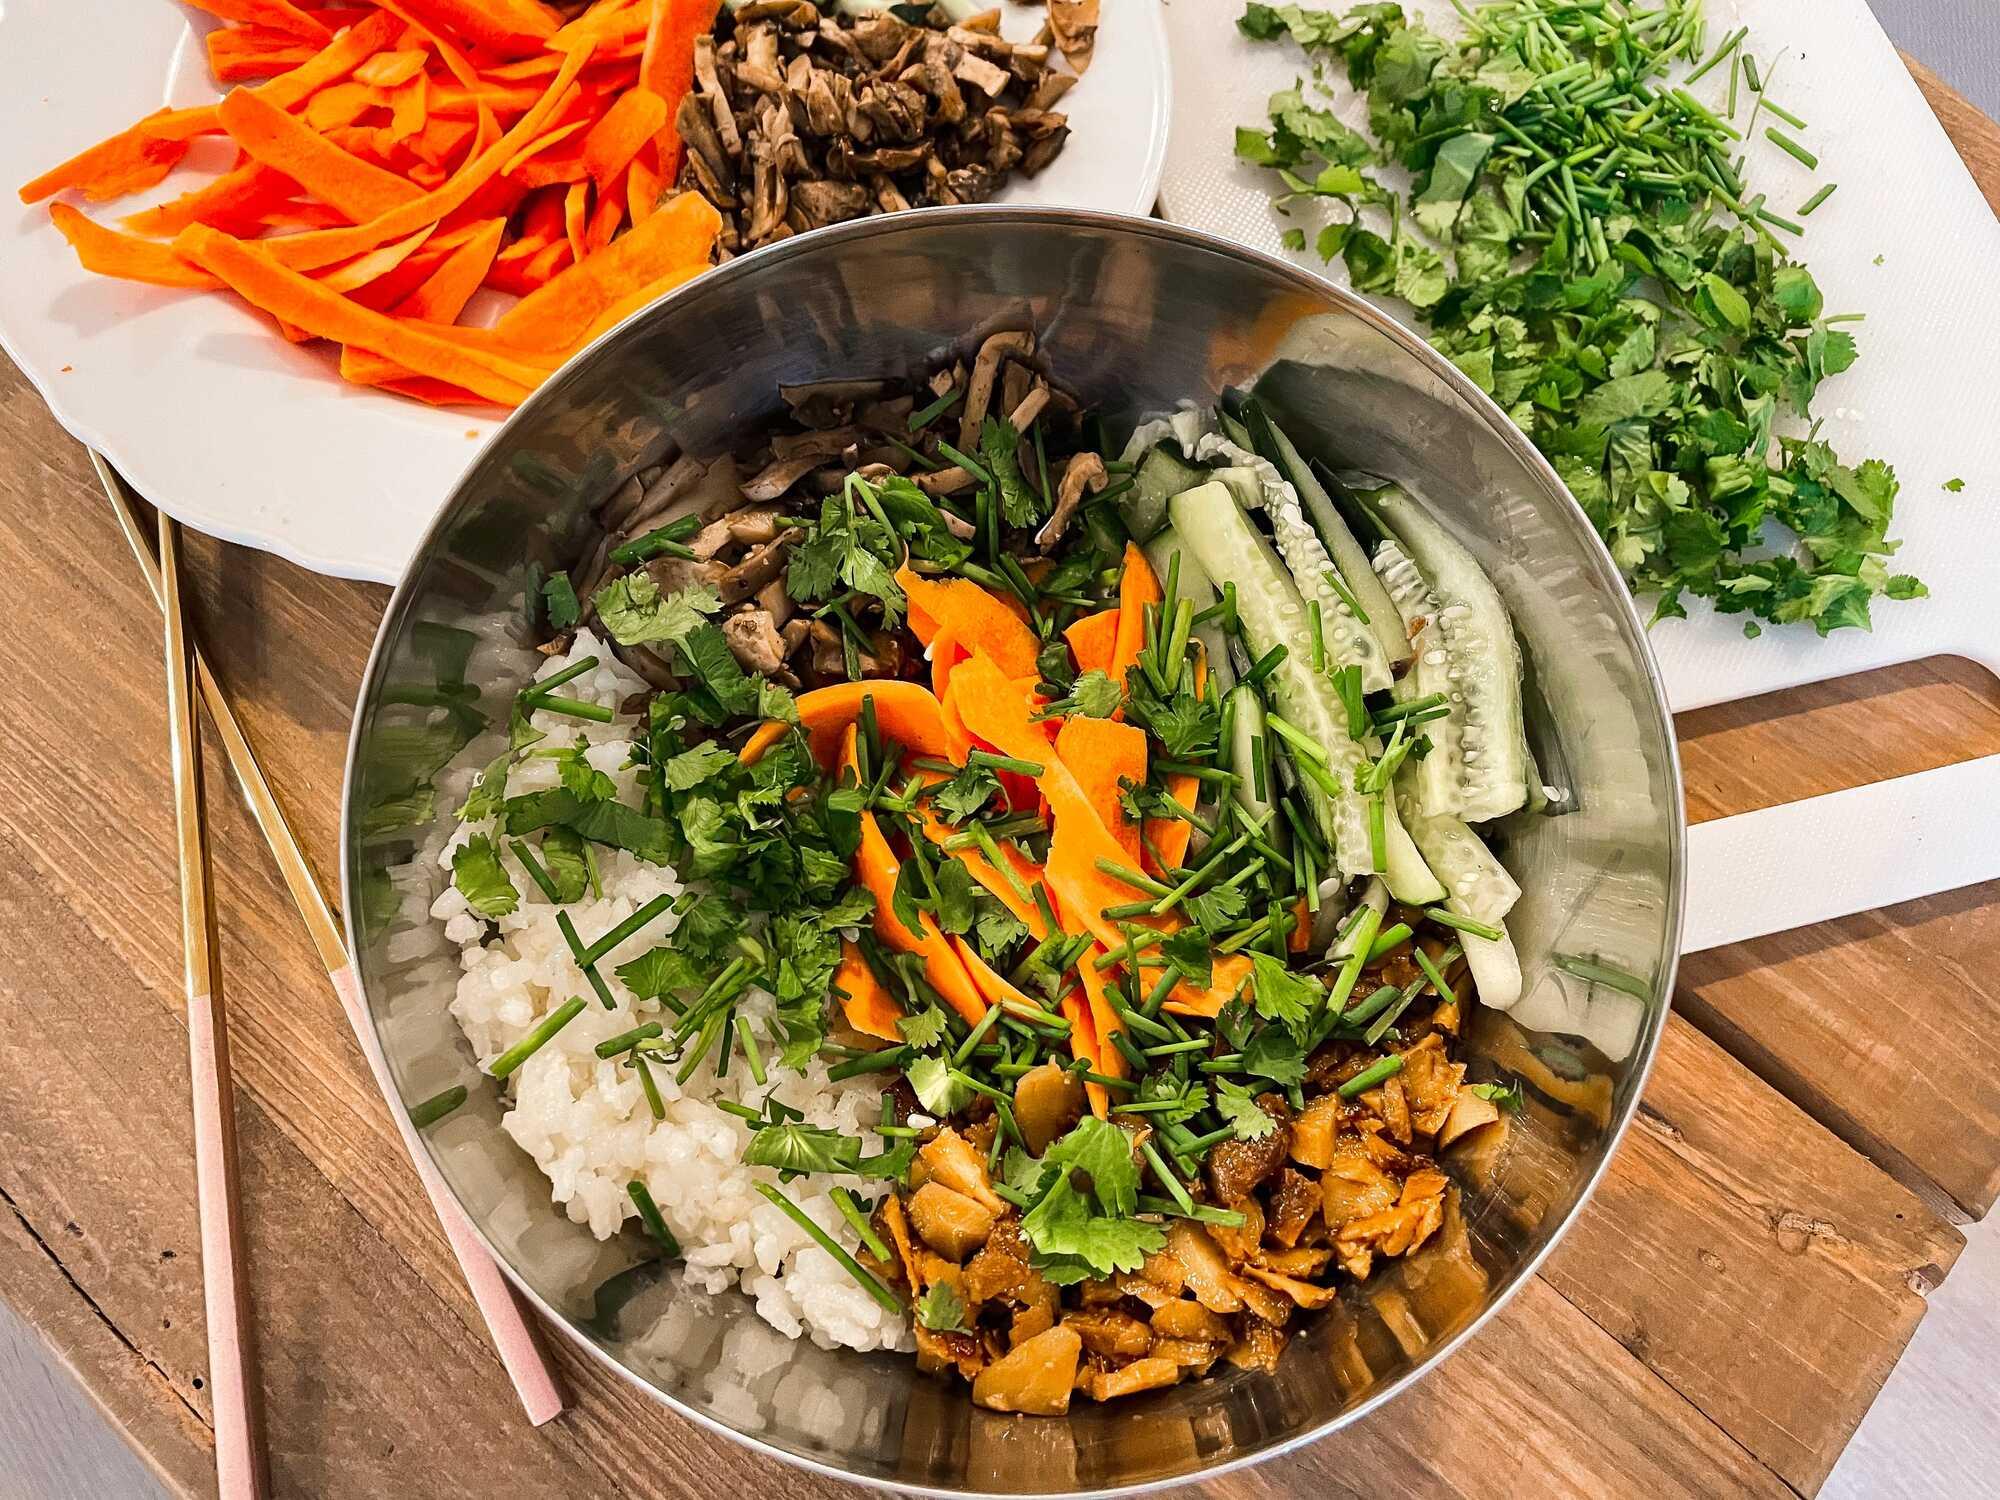 Dans un large bol, le riz est disposé sur le fond, il est recouvert par les légumes. Persil et ciboulette ciselée accompagnent cette recette.